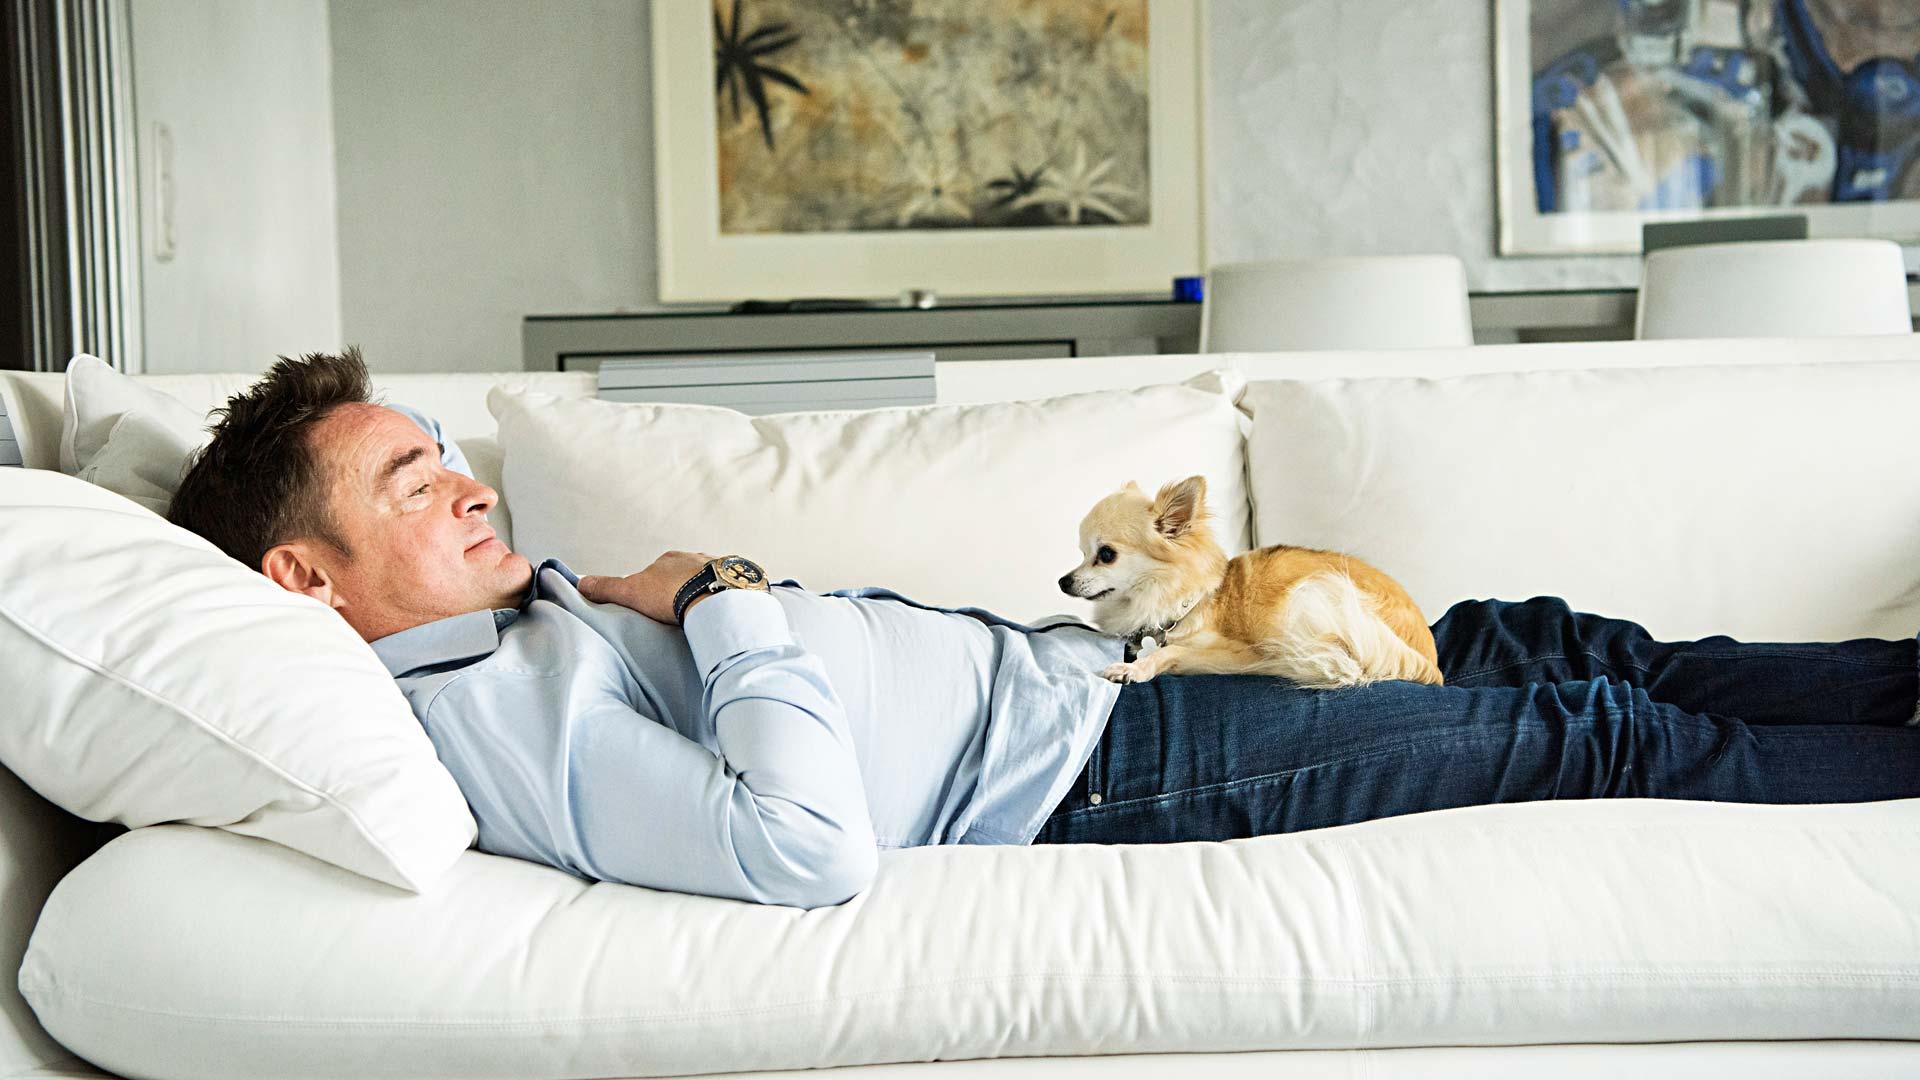 Kun työelämän jättämisestä oli kulunut vuosi, Tommi sairastui masennukseen ja saattoi vain istua sohvalla seinään tuijottaen.